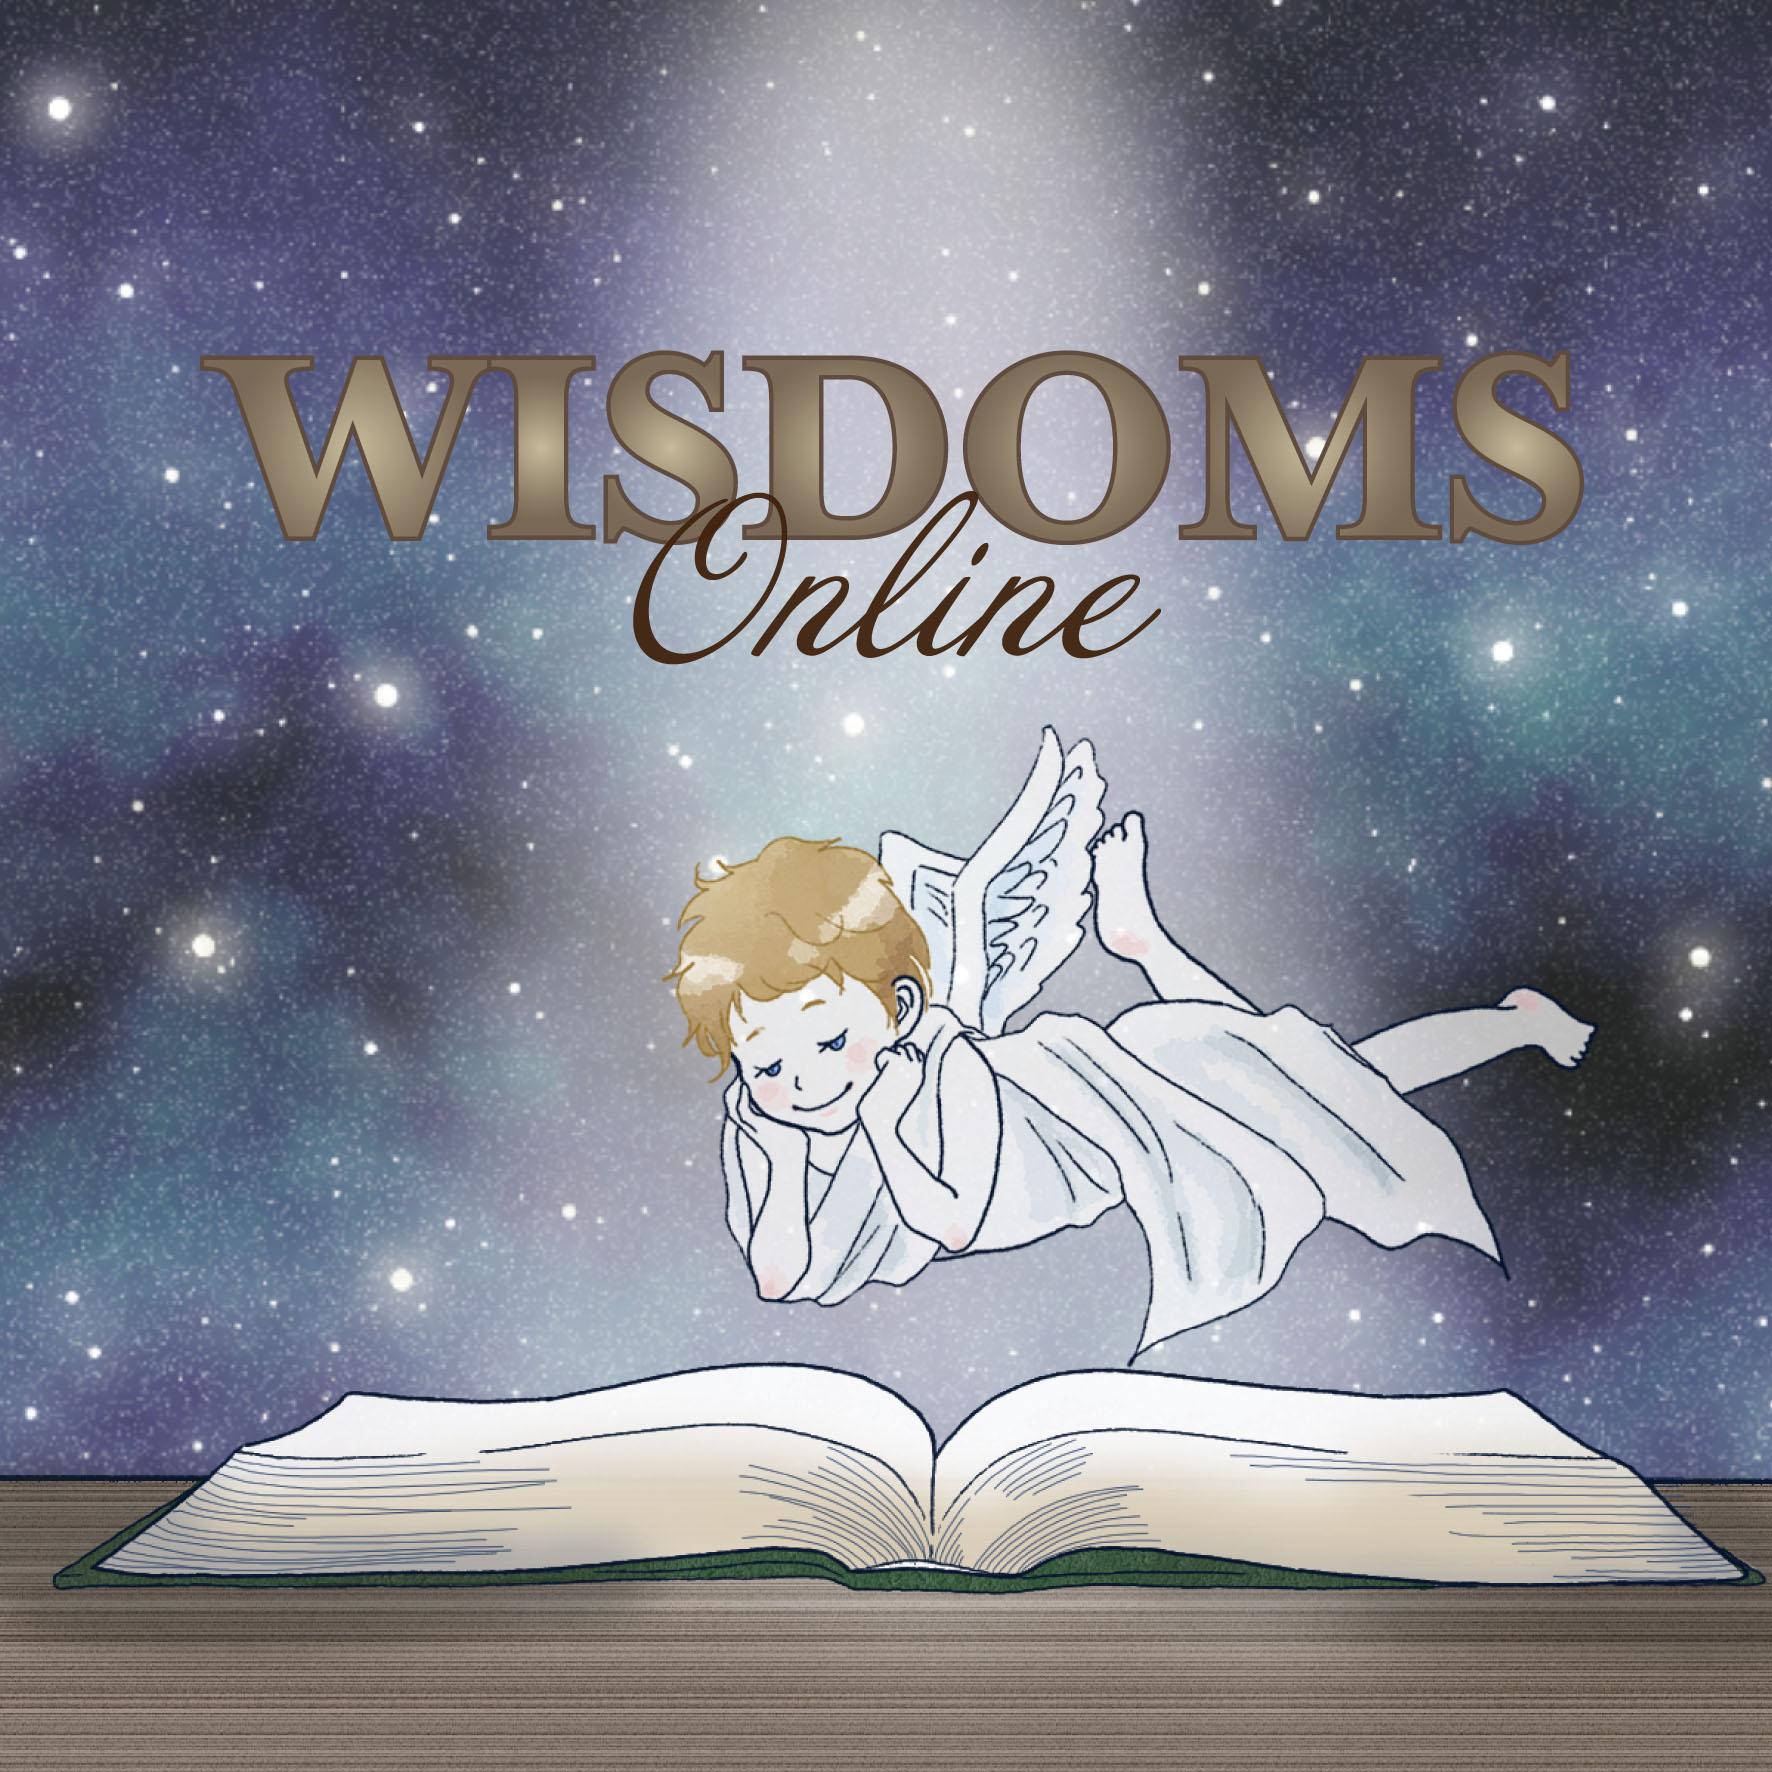 ★2021/04/27(火)【WISDOMS(ウィズダムス)オンラインLIVE配信+録画配信】